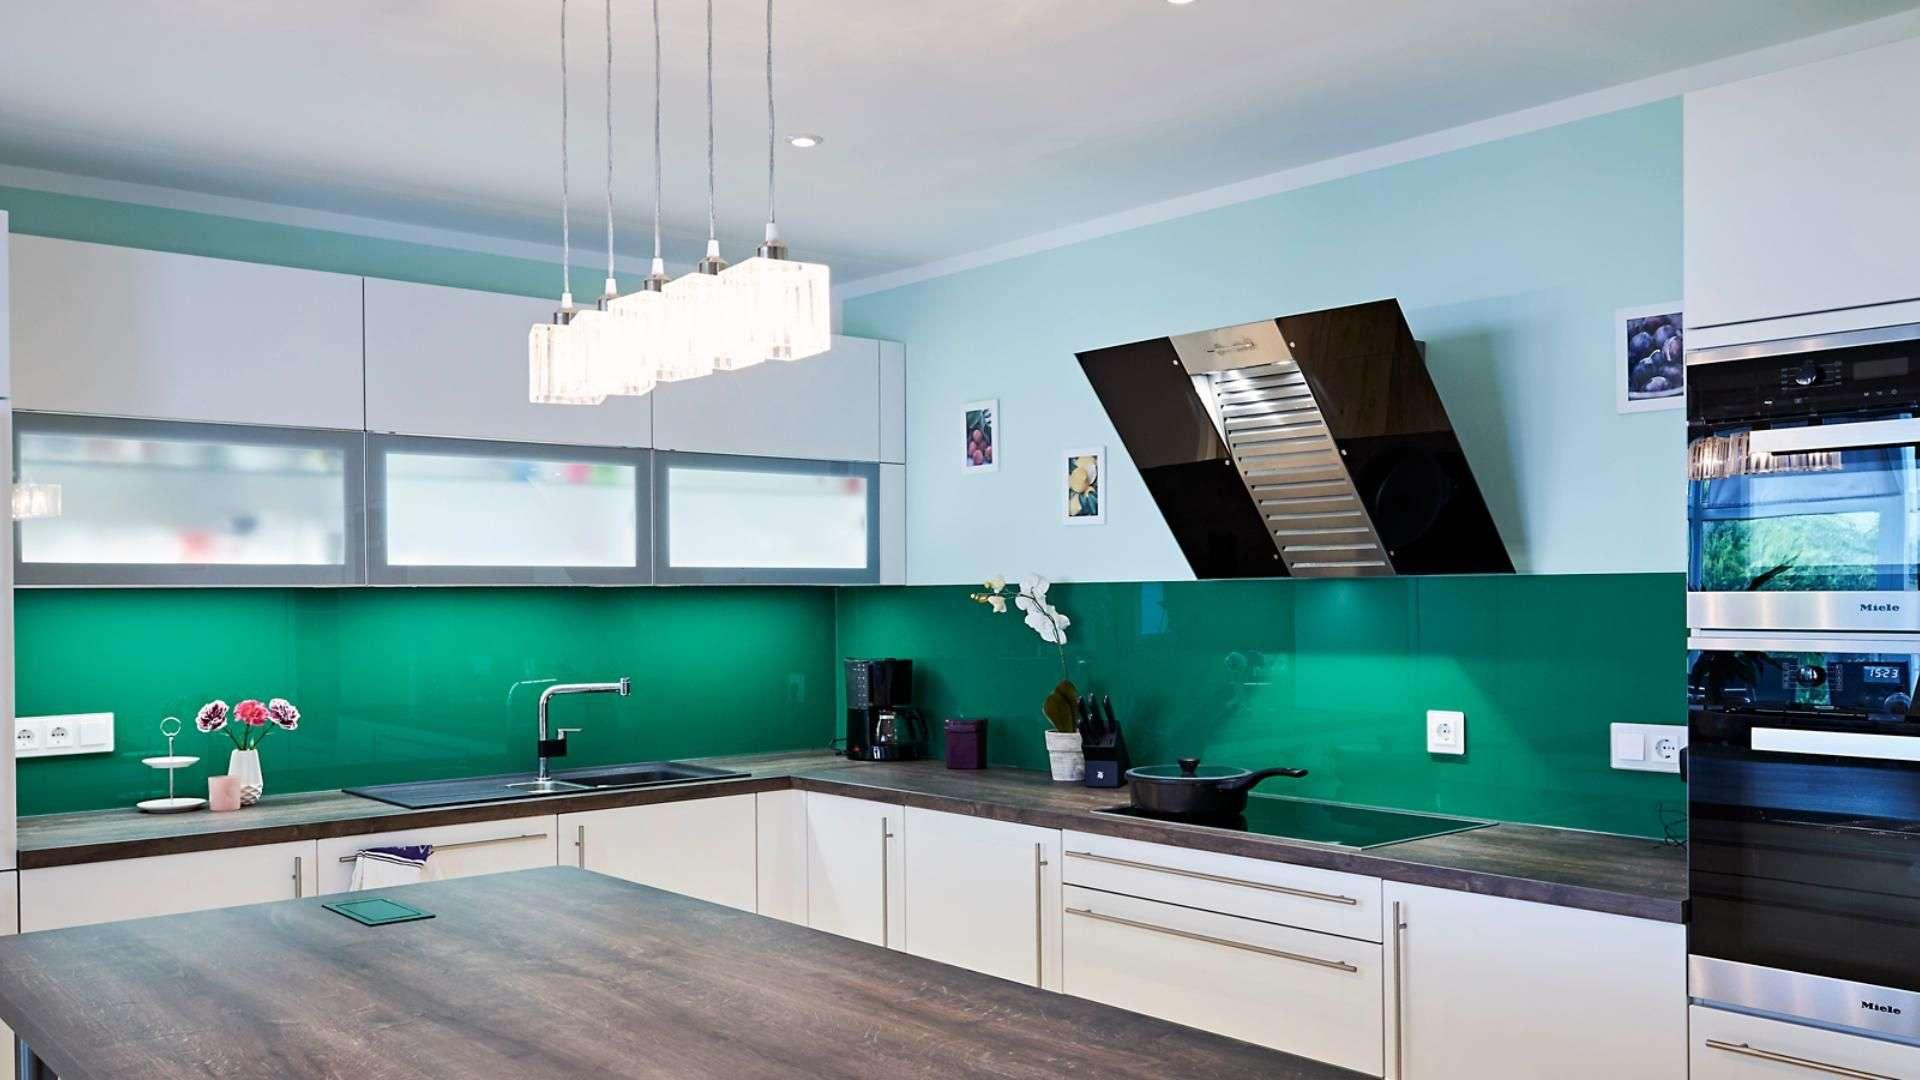 grüne Glasrückwand als Spritzschutz in einer Küche